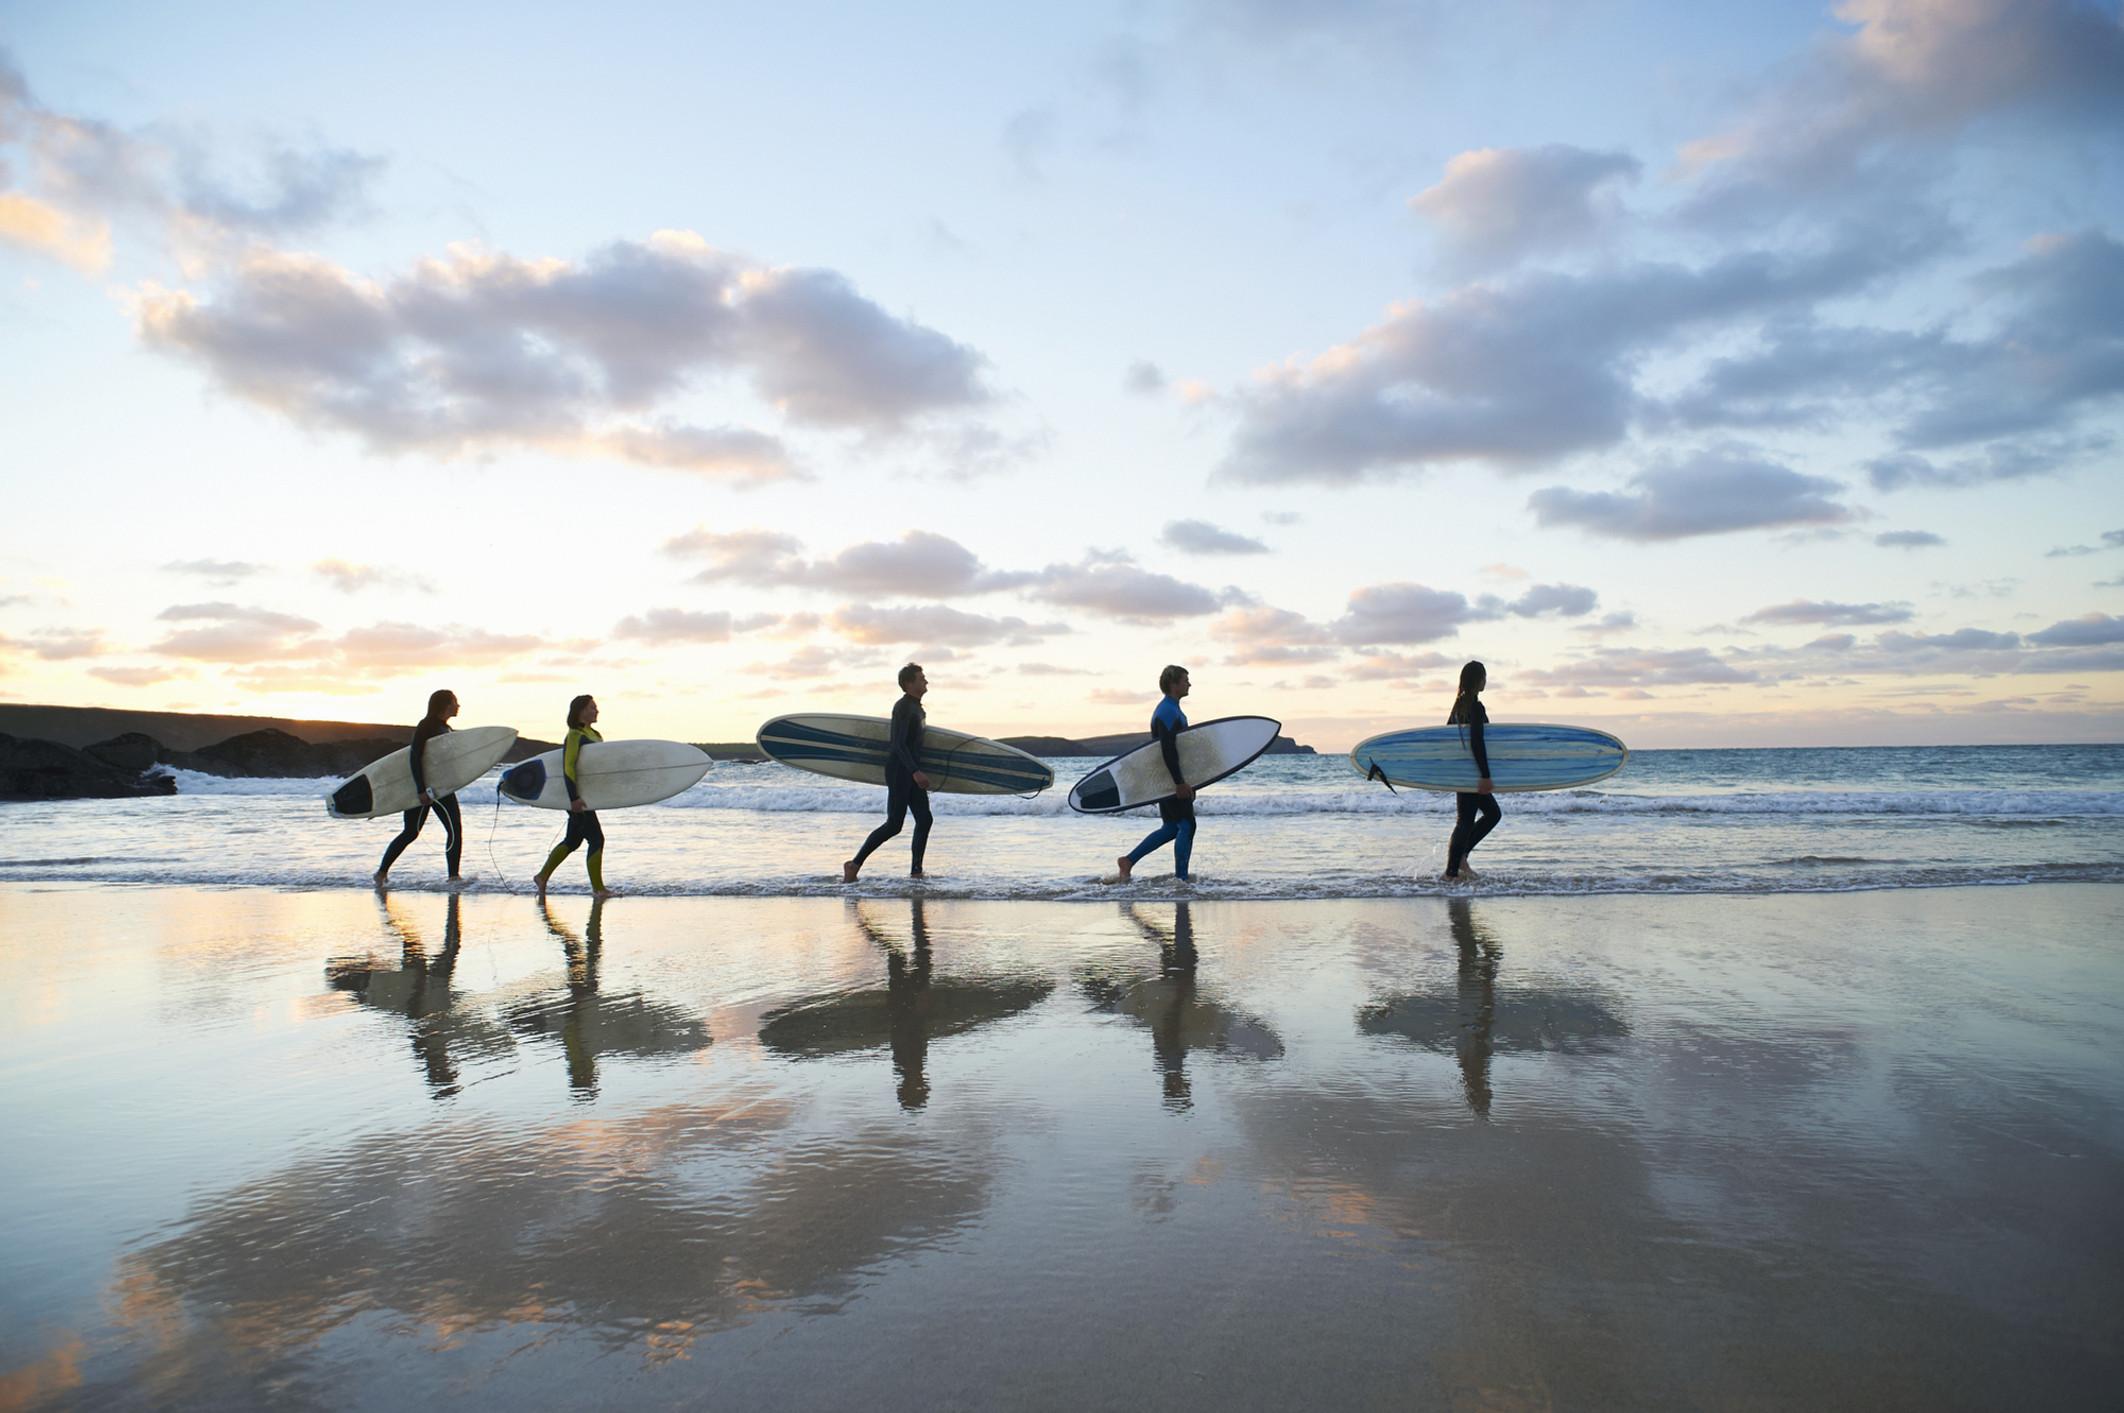 SURF LESSION